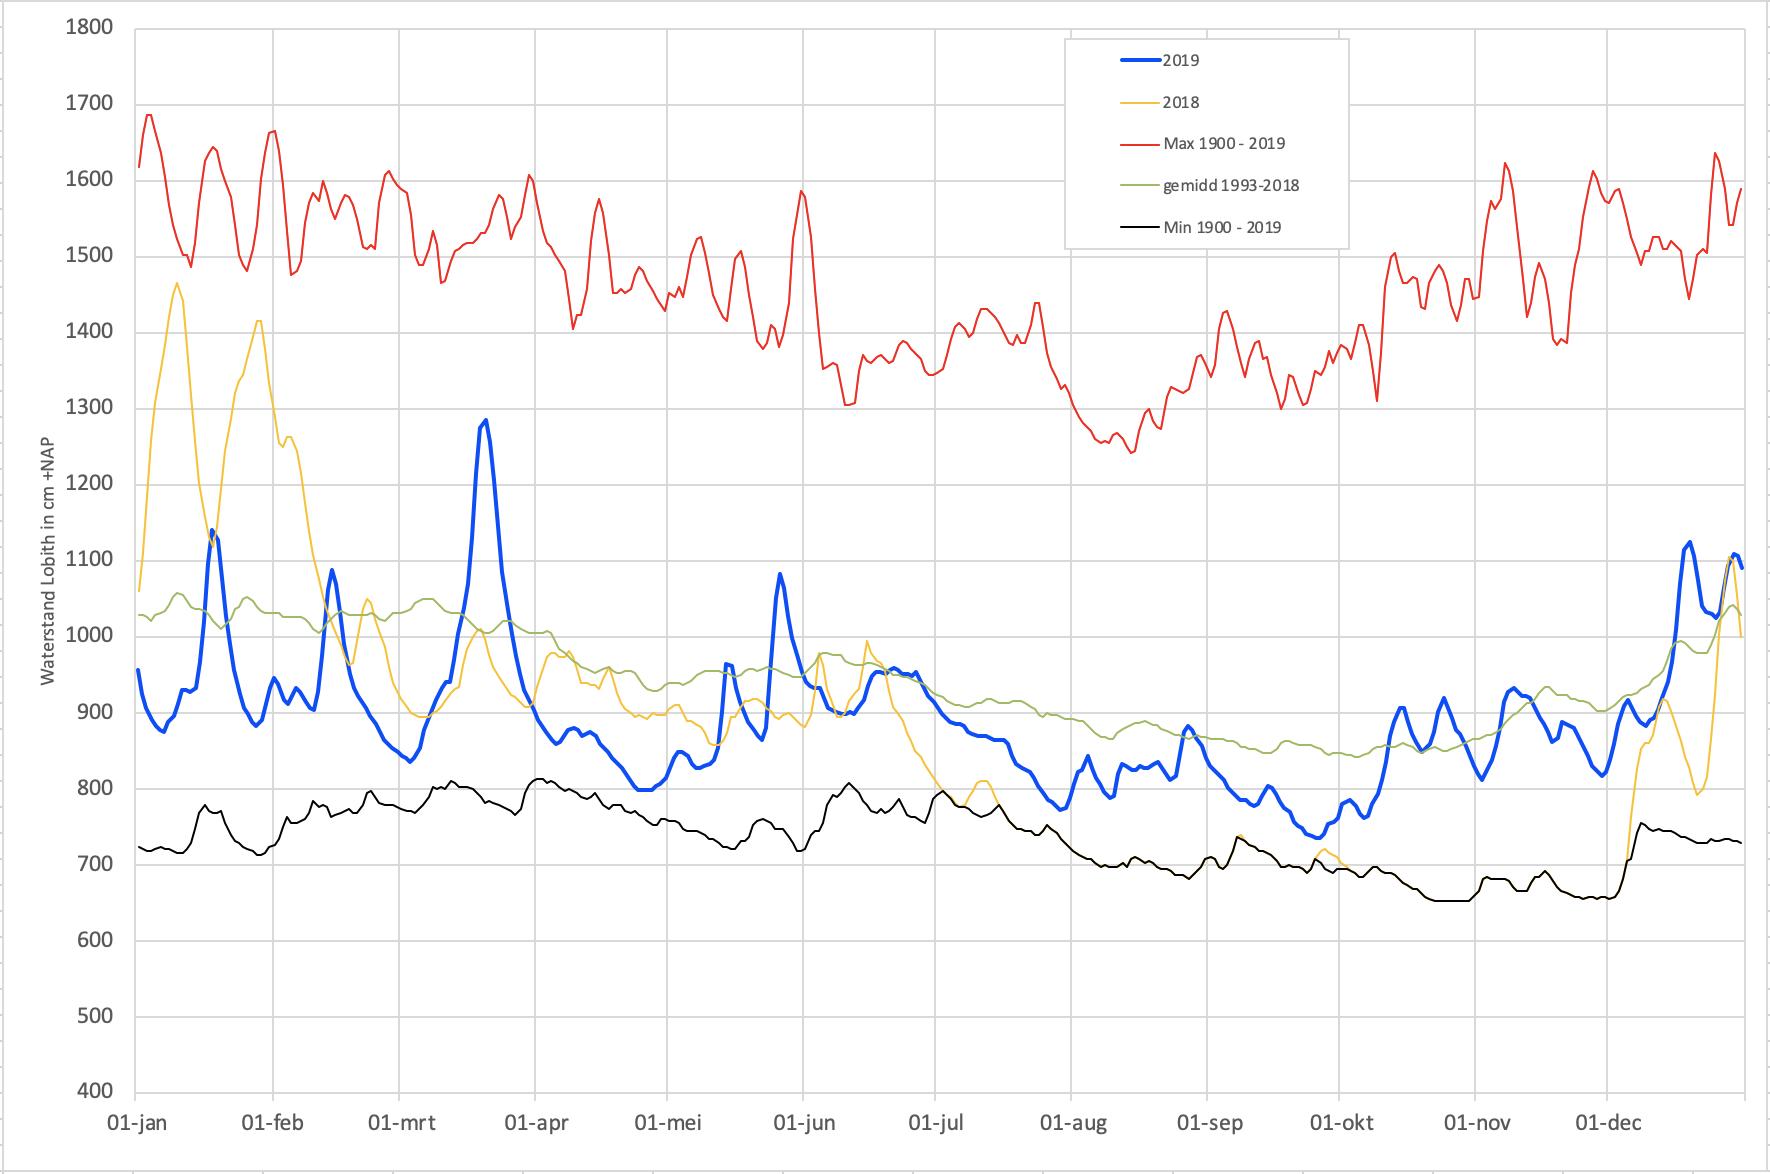 Verloop van de waterstand van de Rijn bij Lobith gedurende 2019 en de vergelijking met het langjarig gemiddelde, de hoogste en de laagste dagwaarden en het jaar 2018